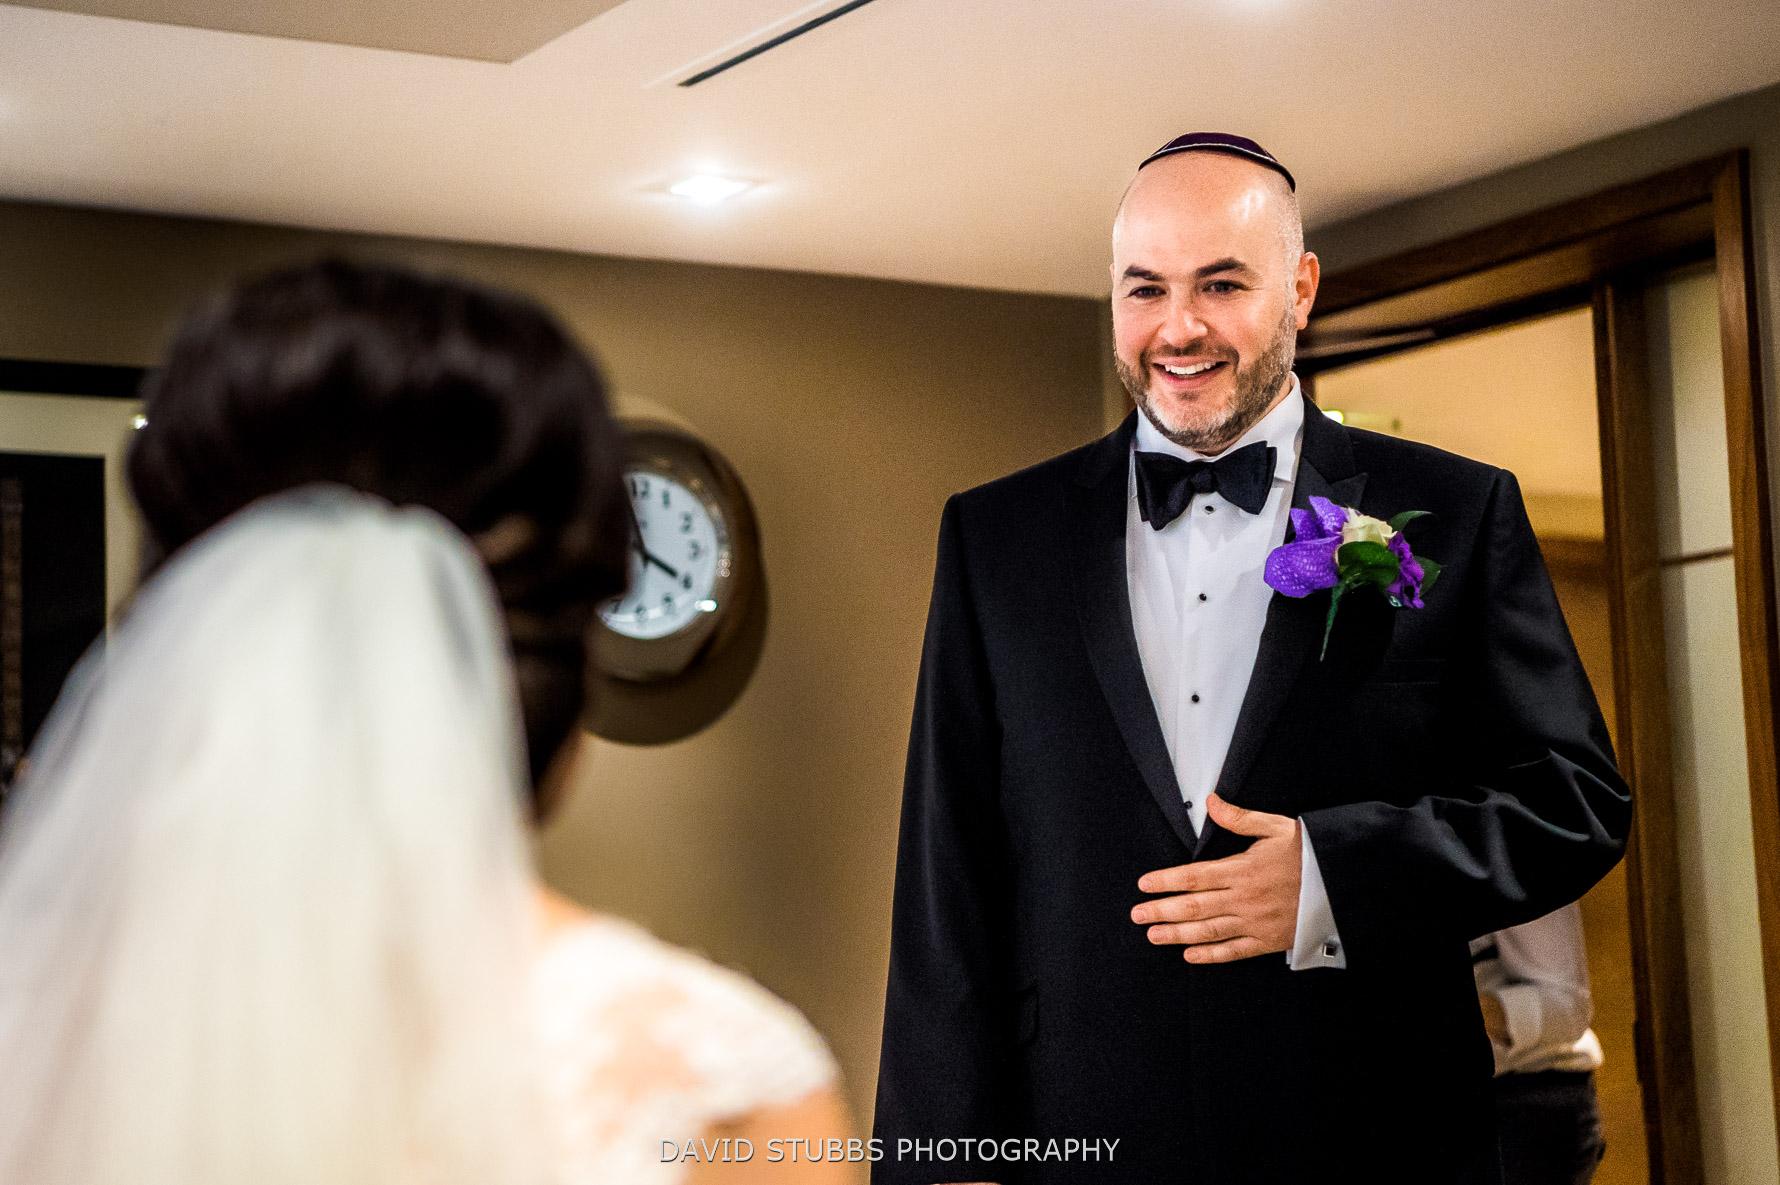 grooms sees bride